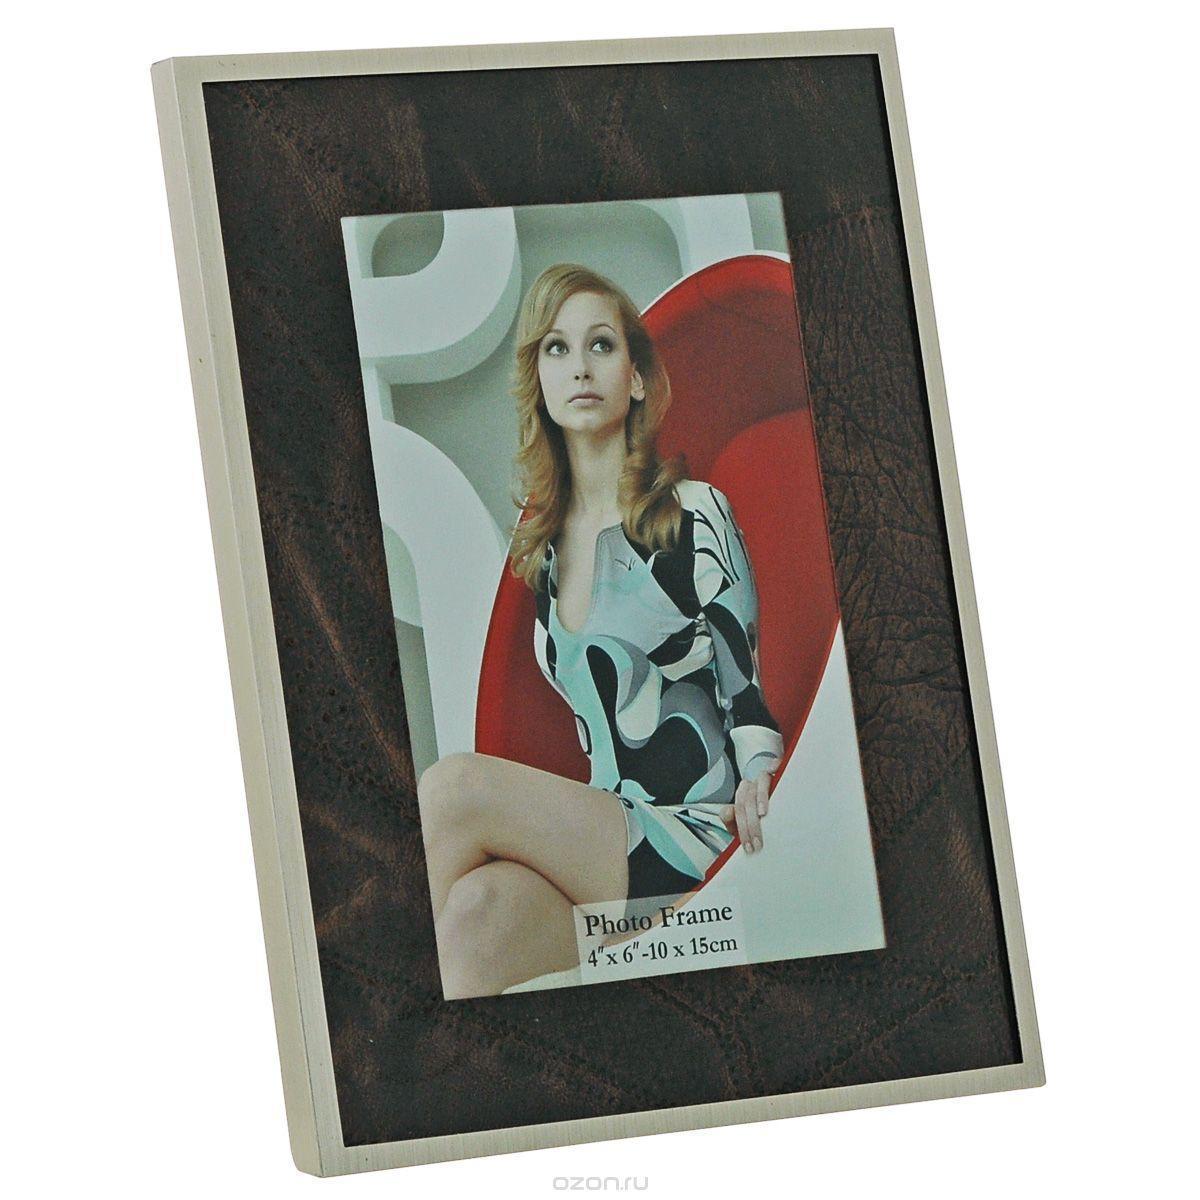 ФоторамкаImage Art 6035-4GБрелок для ключейФоторамка Image Art - прекрасный способ красиво оформить ваши фотографии. Изделие рассчитано на 2 фотографии. Фоторамка выполнена из металла и защищена стеклом. Фоторамку можно поставить на стол или подвесить на стену, для чего с задней стороны предусмотрены специальные отверстия. Такая фоторамка поможет сохранить на память самые яркие моменты вашей жизни, а стильный дизайн сделает ее прекрасным дополнением интерьера.